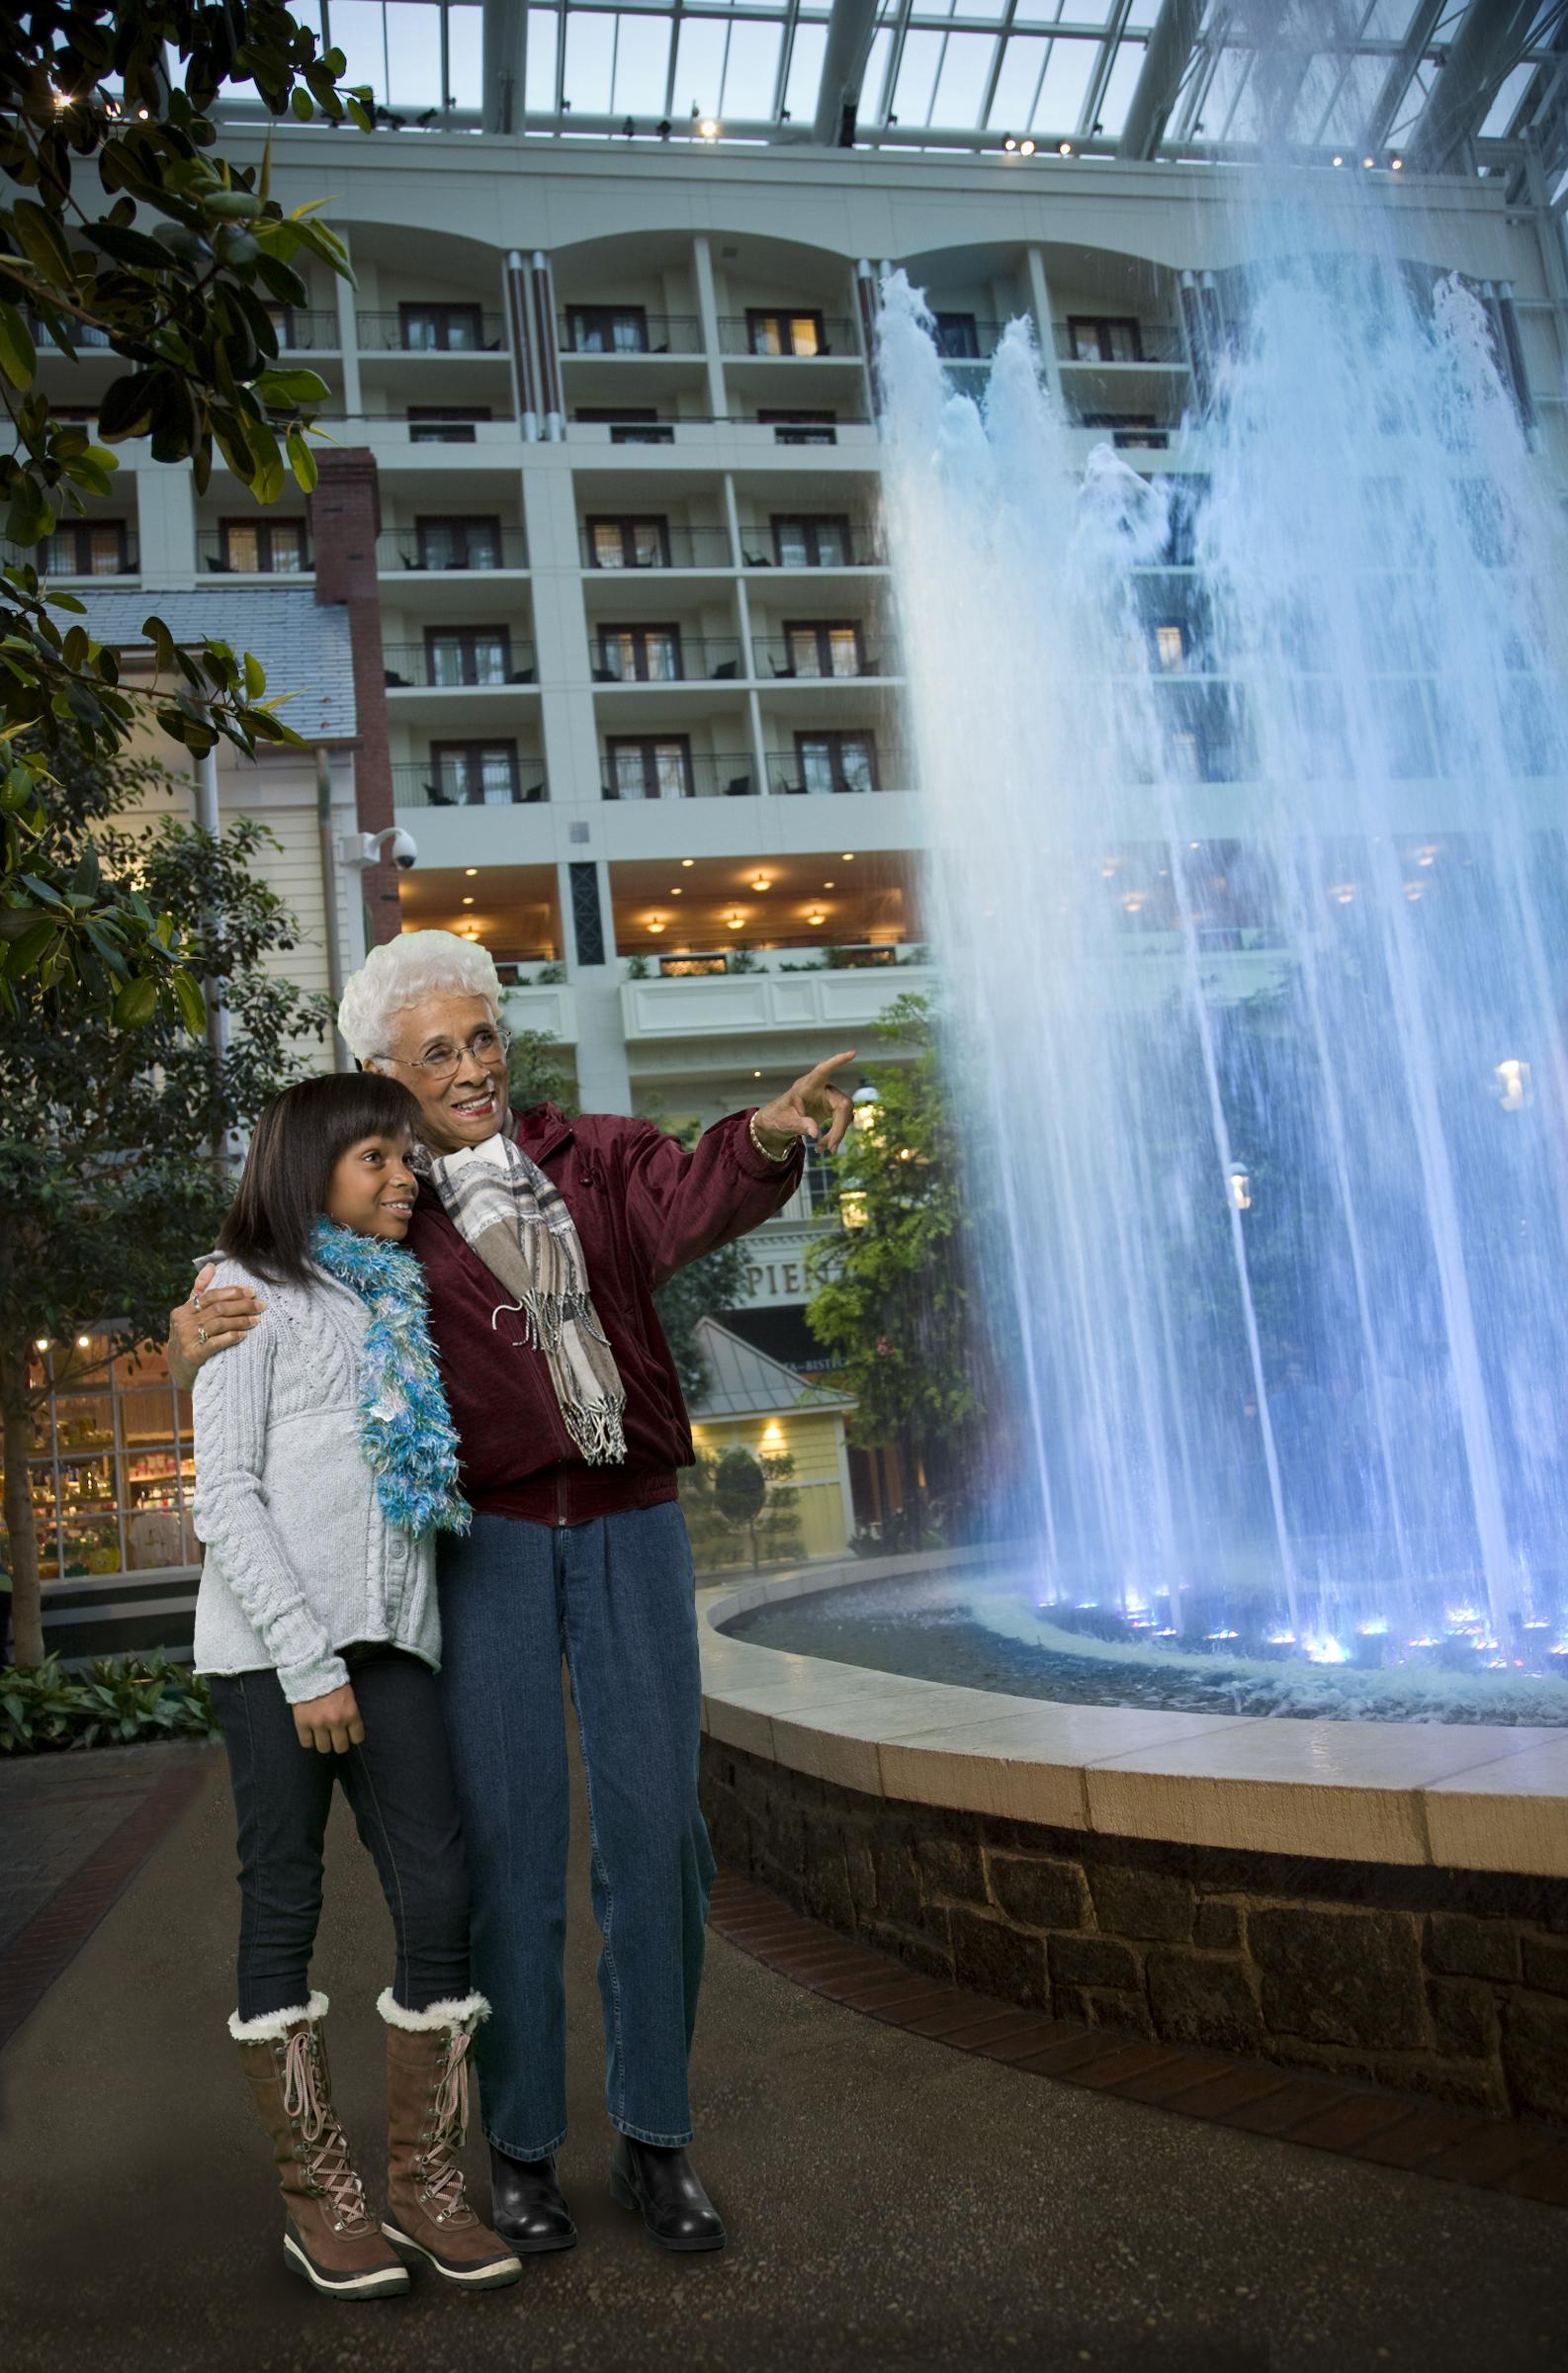 Gaylord Hotels Promotes Holiday 'Grandtravel' - Make ...